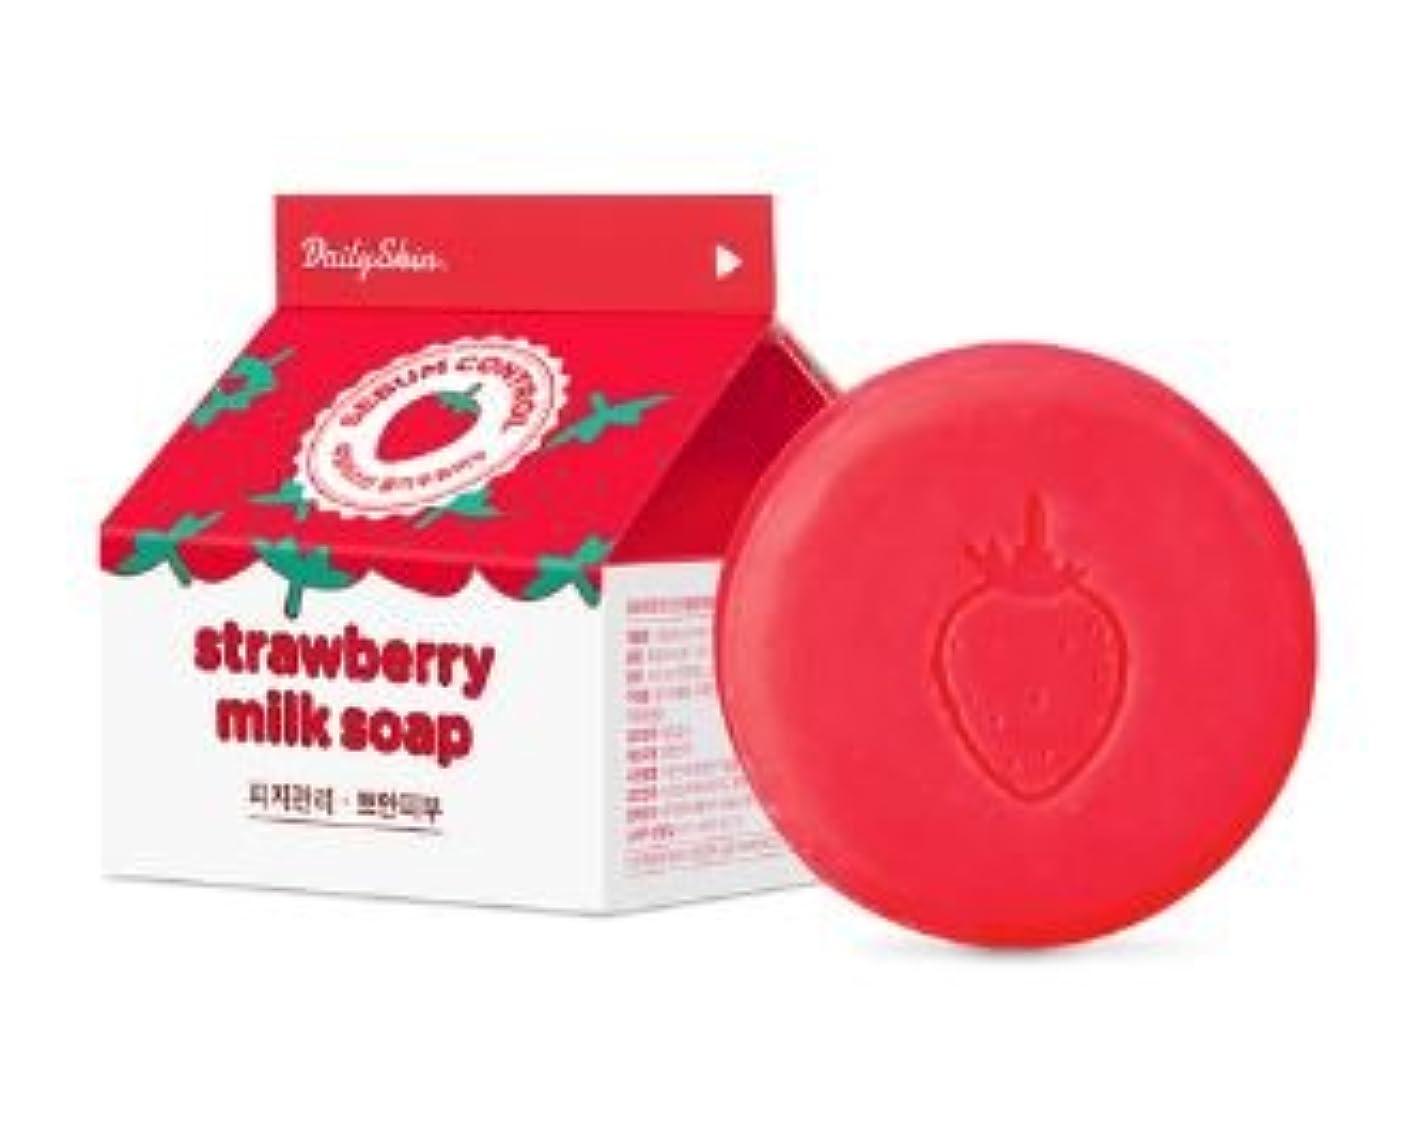 東部プロットクック[Renewal?] Daily Skin Strawberry Milk Soap 100g/デイリースキン ストロベリー ミルク ソープ 100g [並行輸入品]